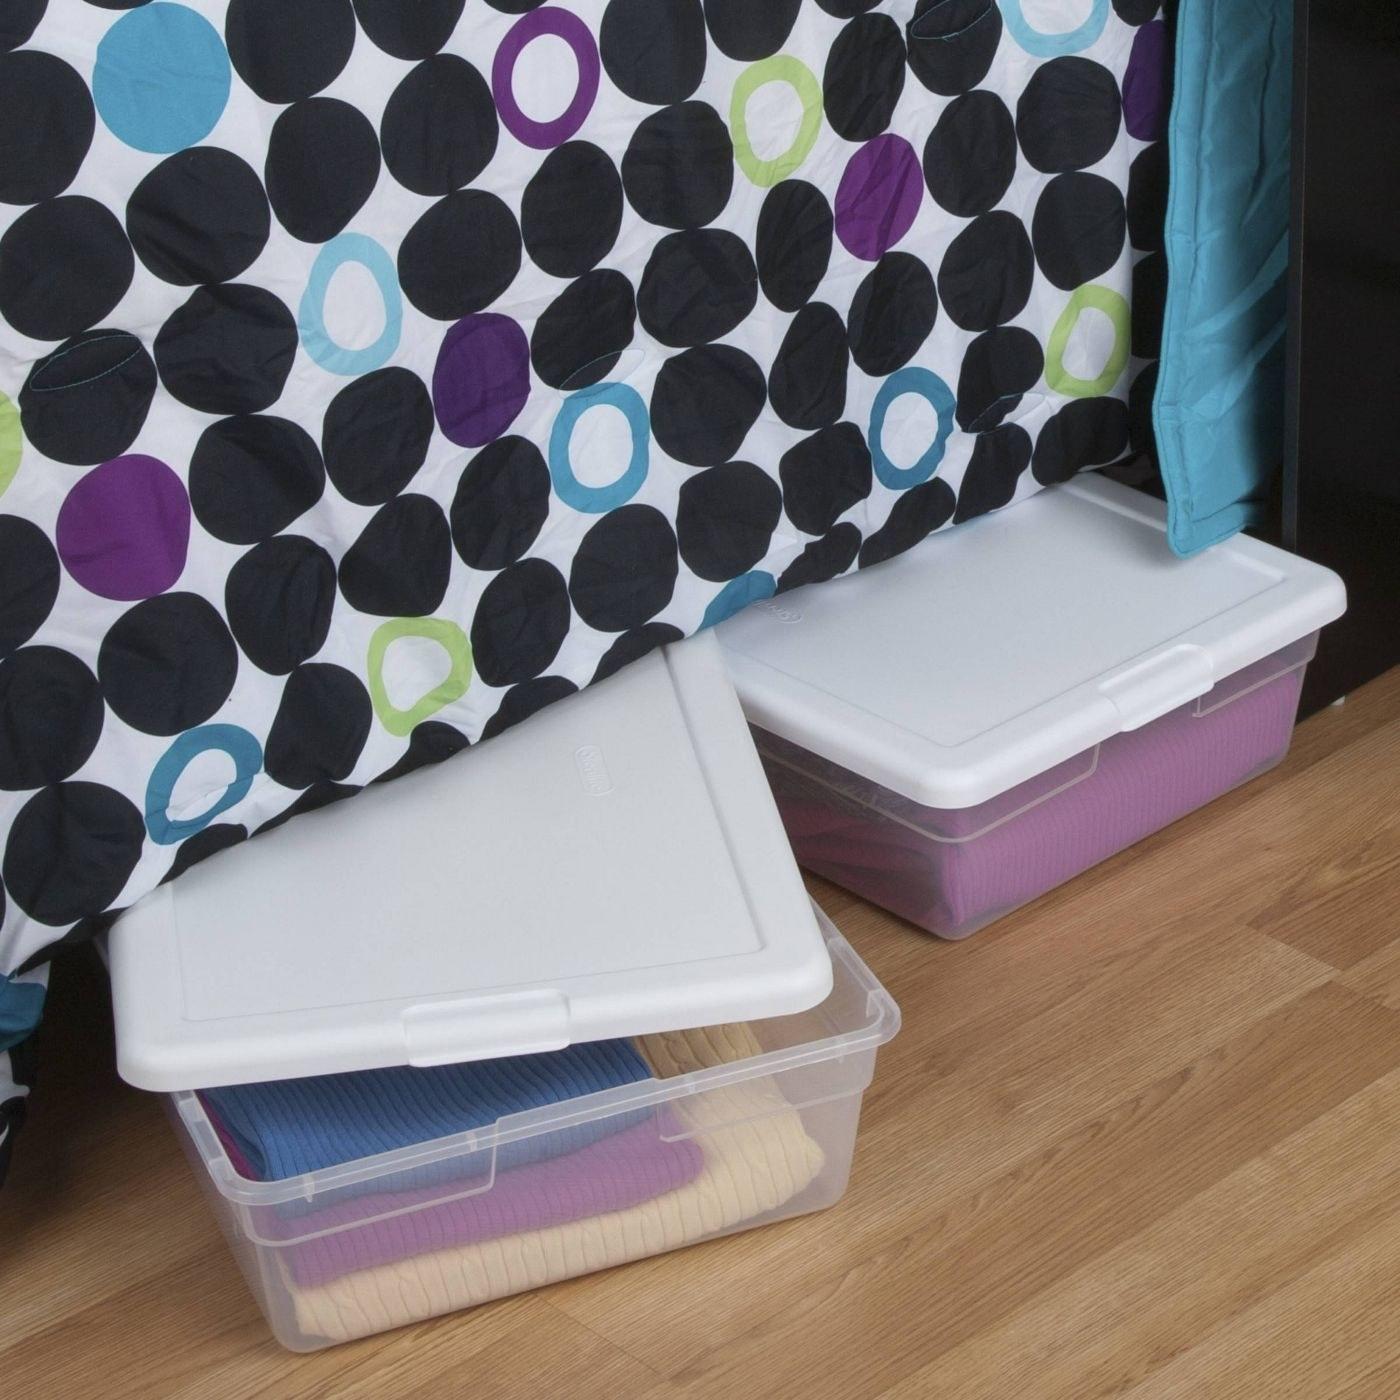 The under bed storage bins